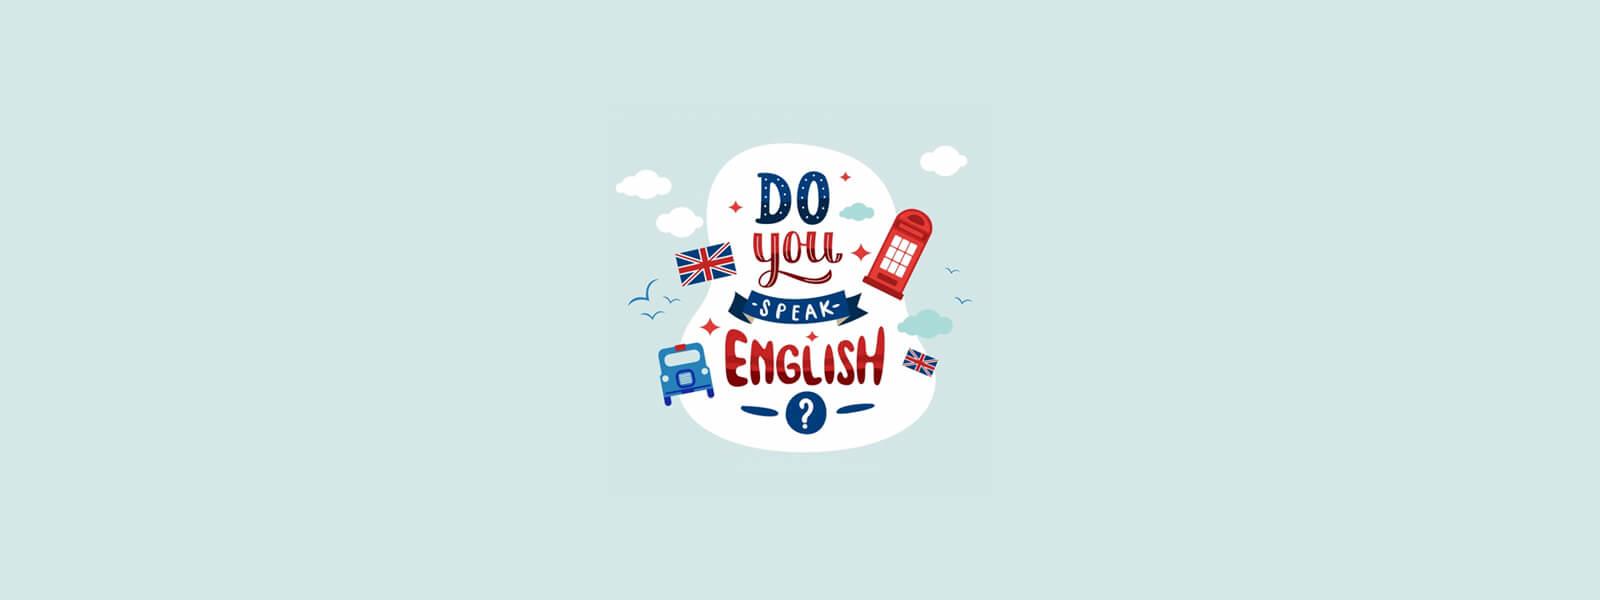 İngilizce konuşuyor musunuz?